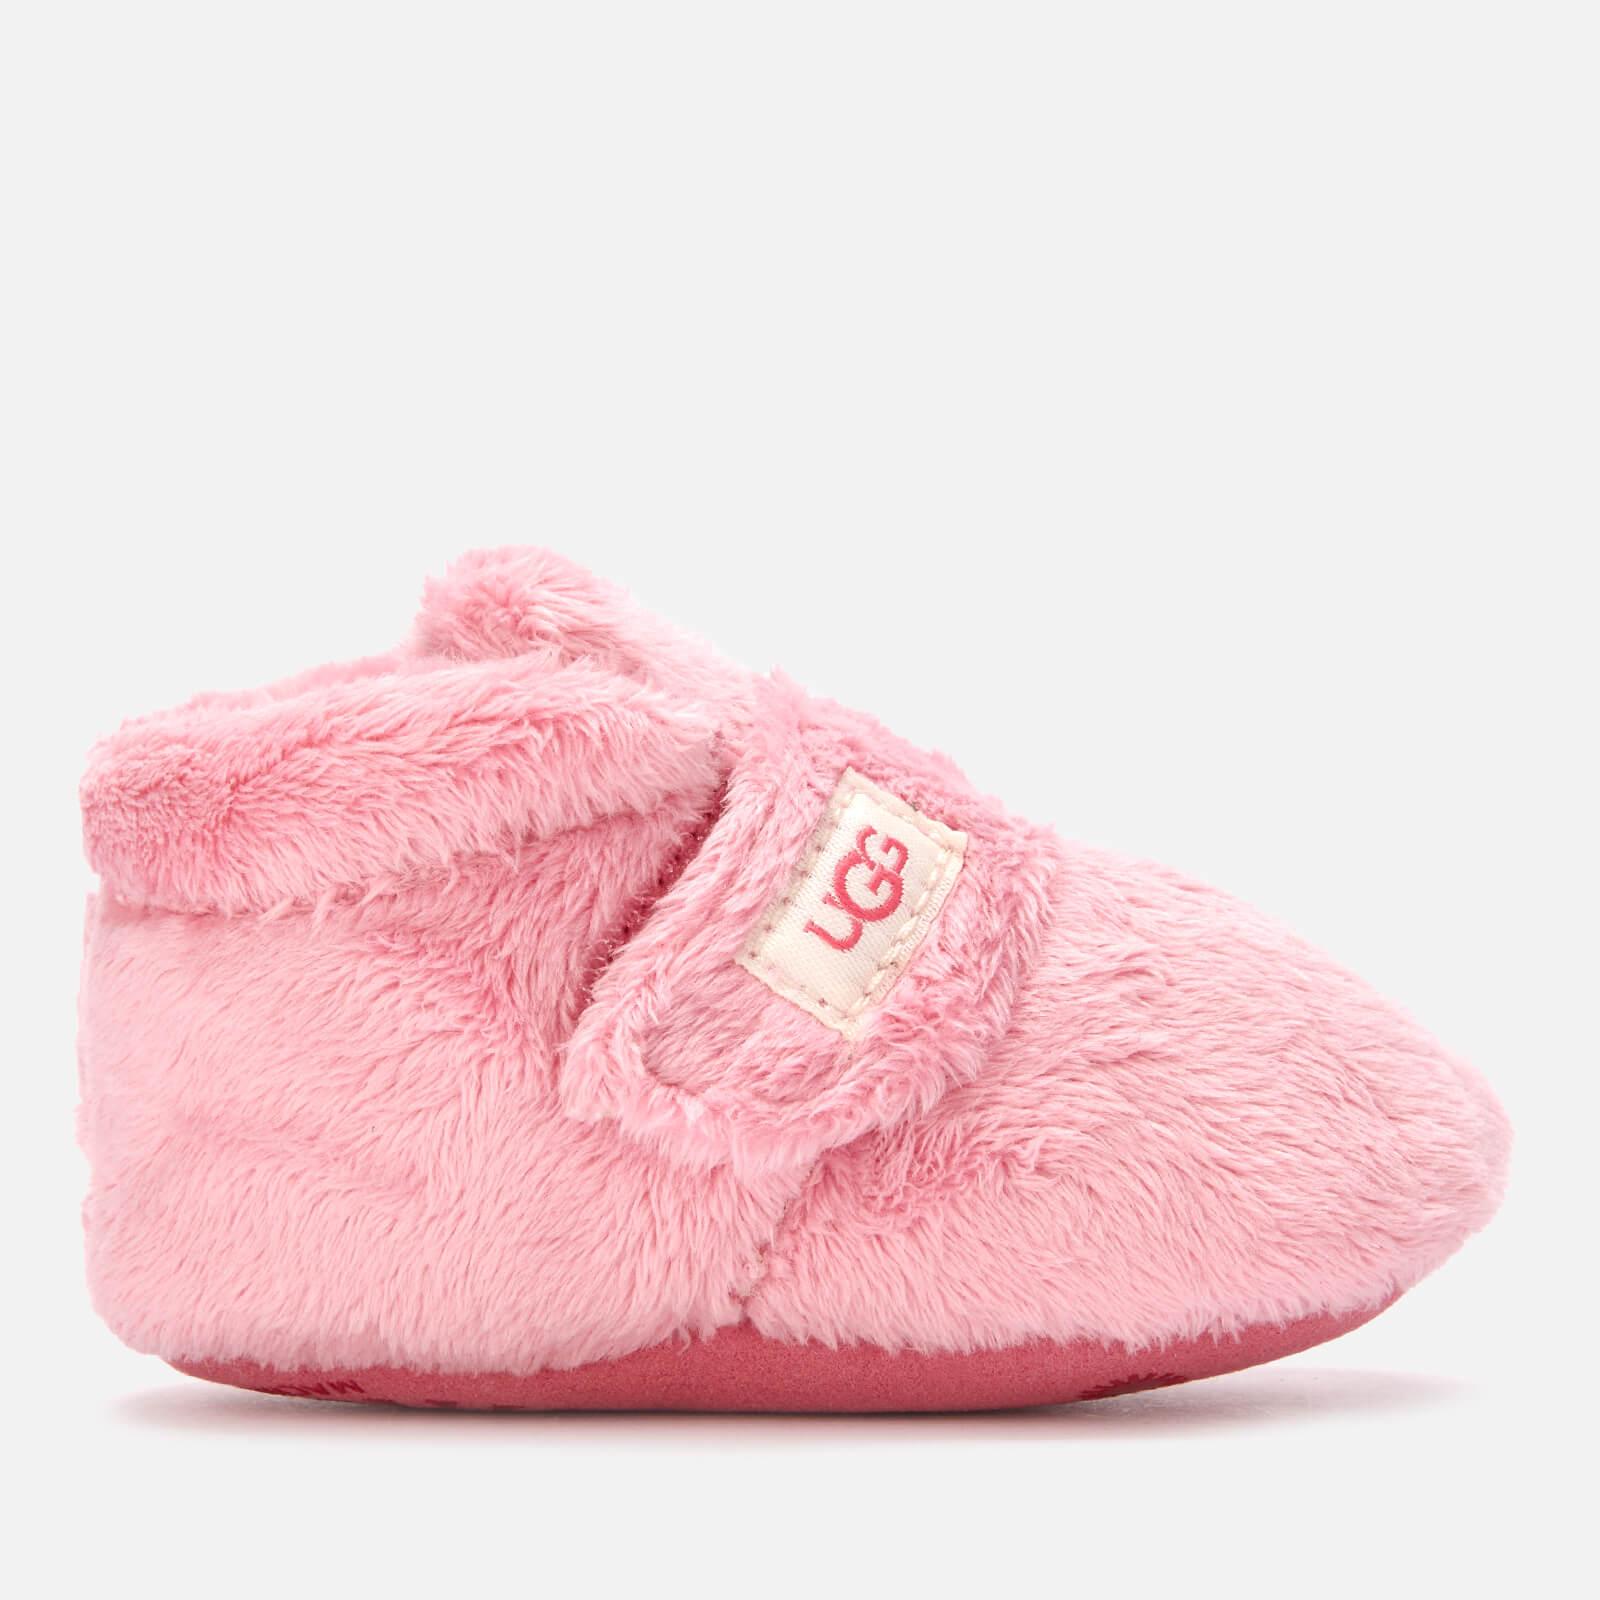 de99be57502 UGG Babies' Bixbee Slippers - Bubblegum